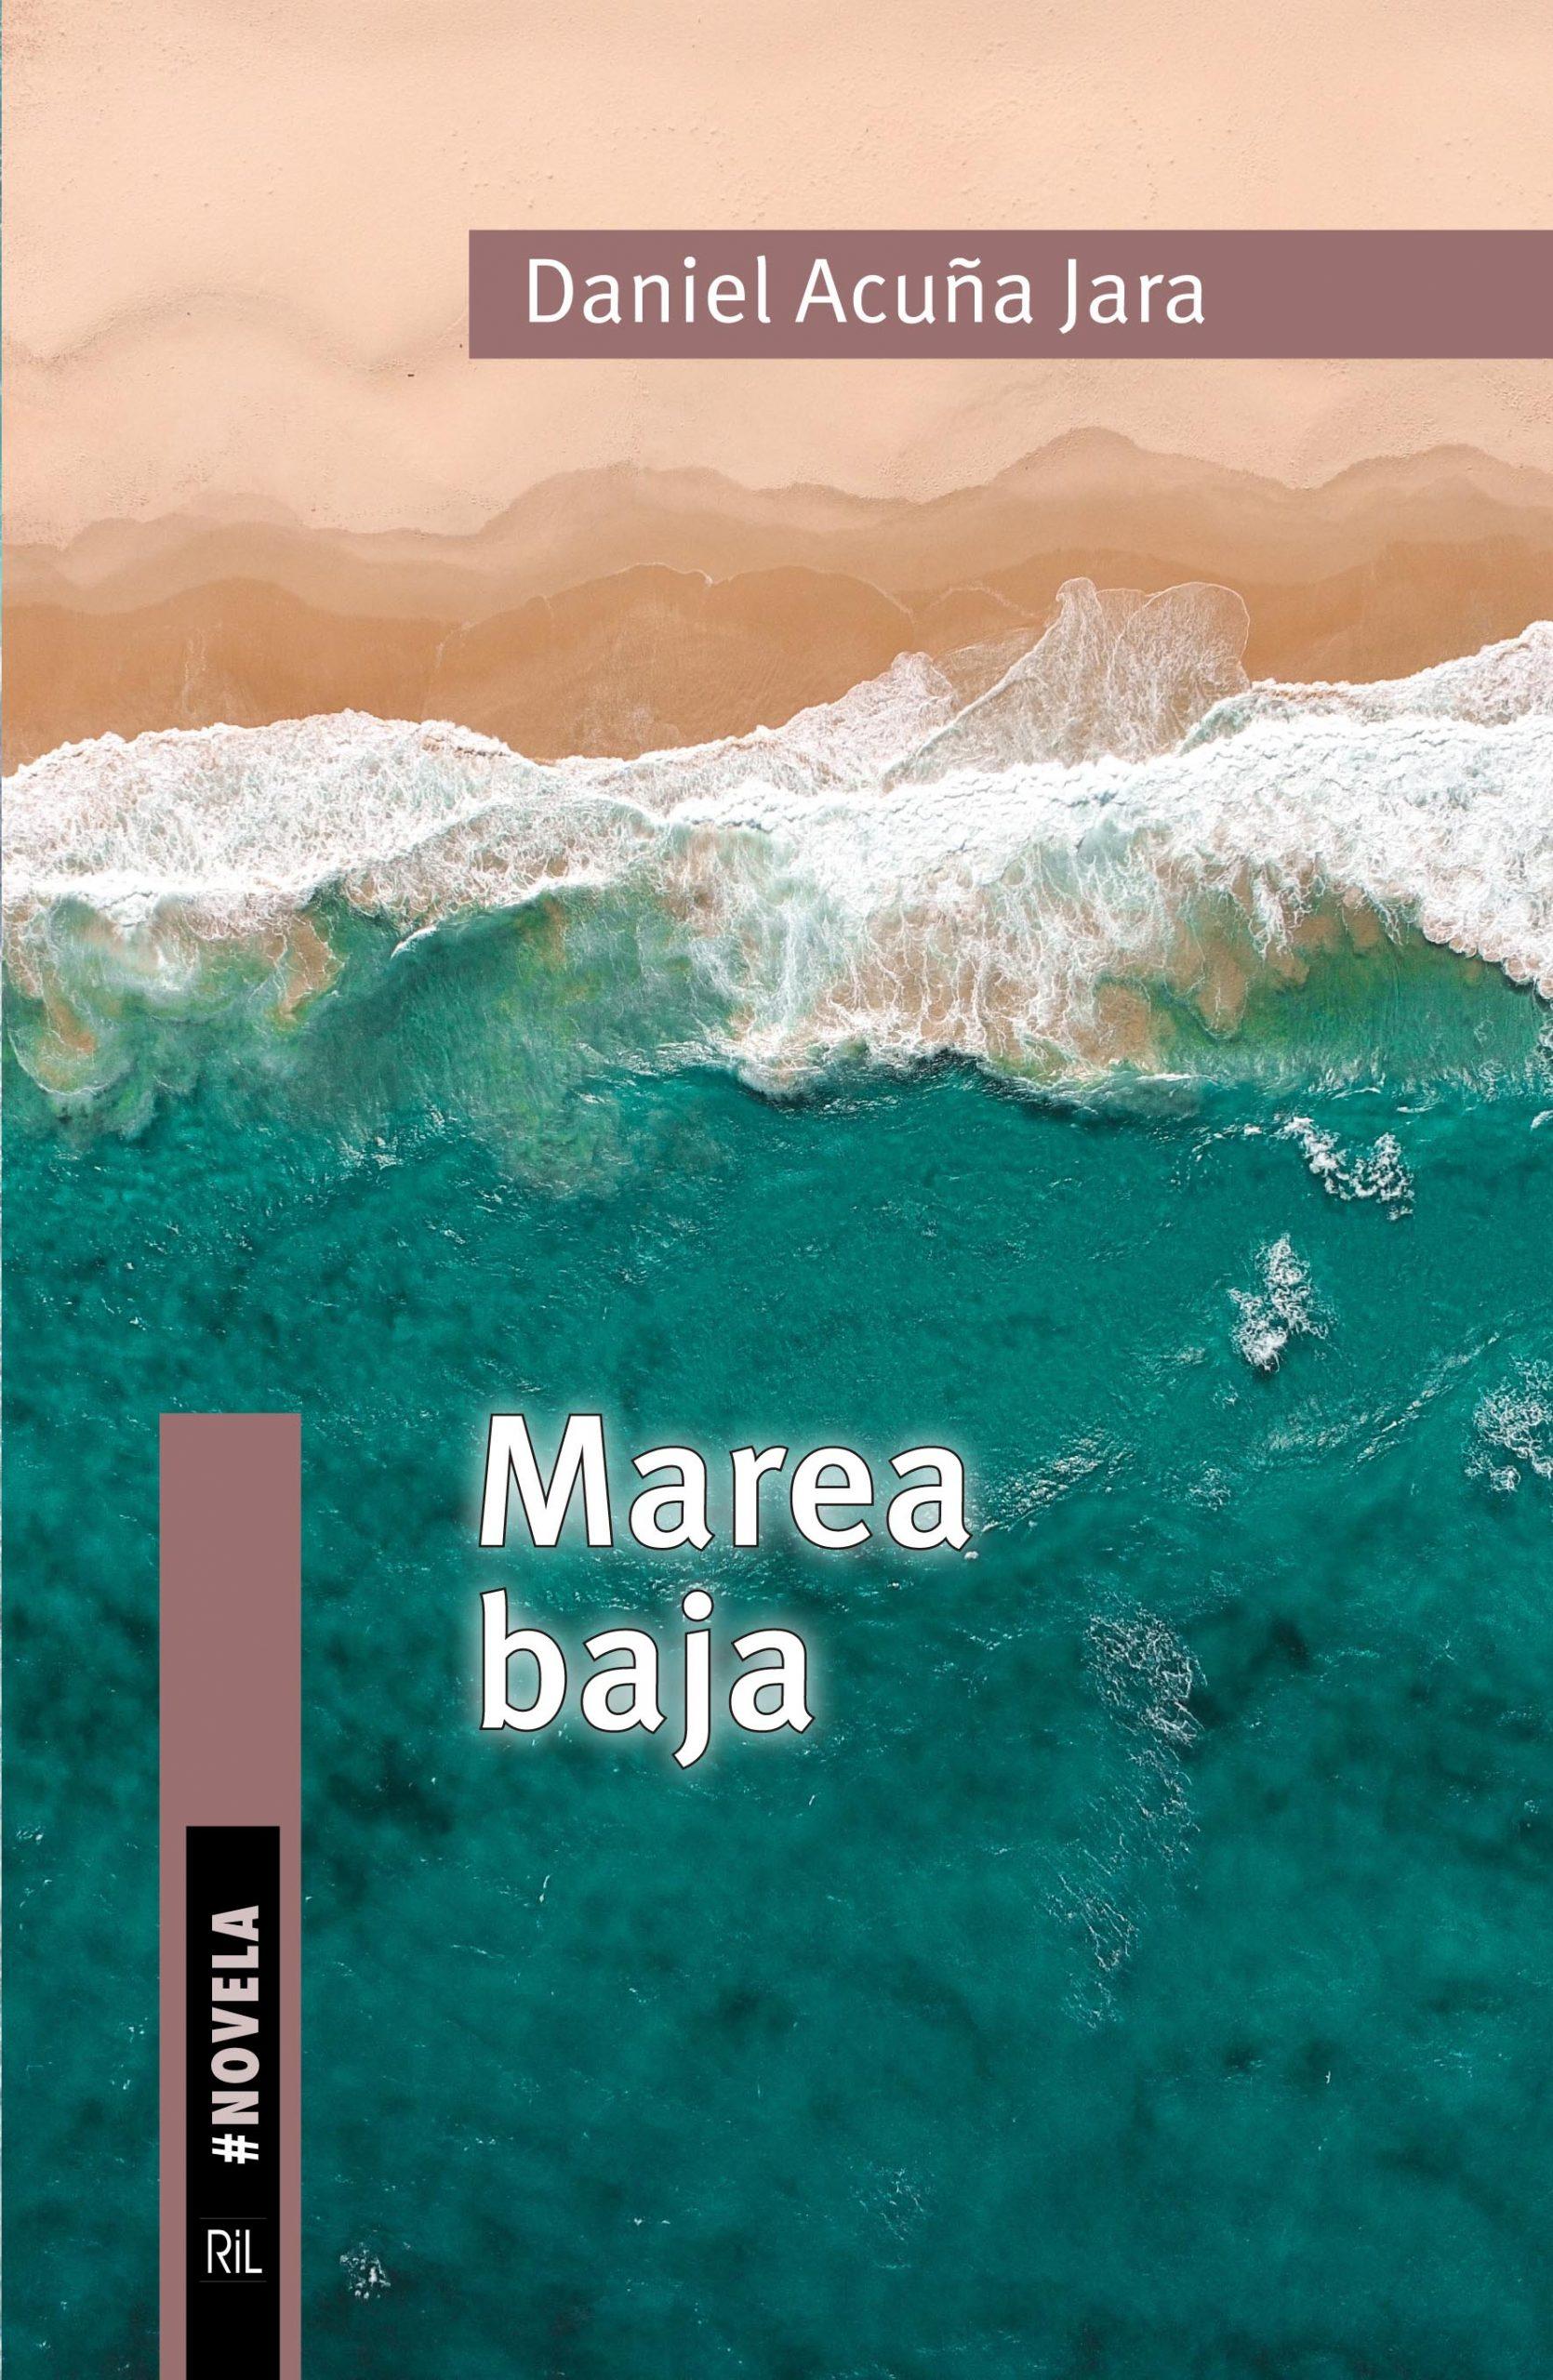 9788418065965 - Acuña - 2021 - Marea baja-1